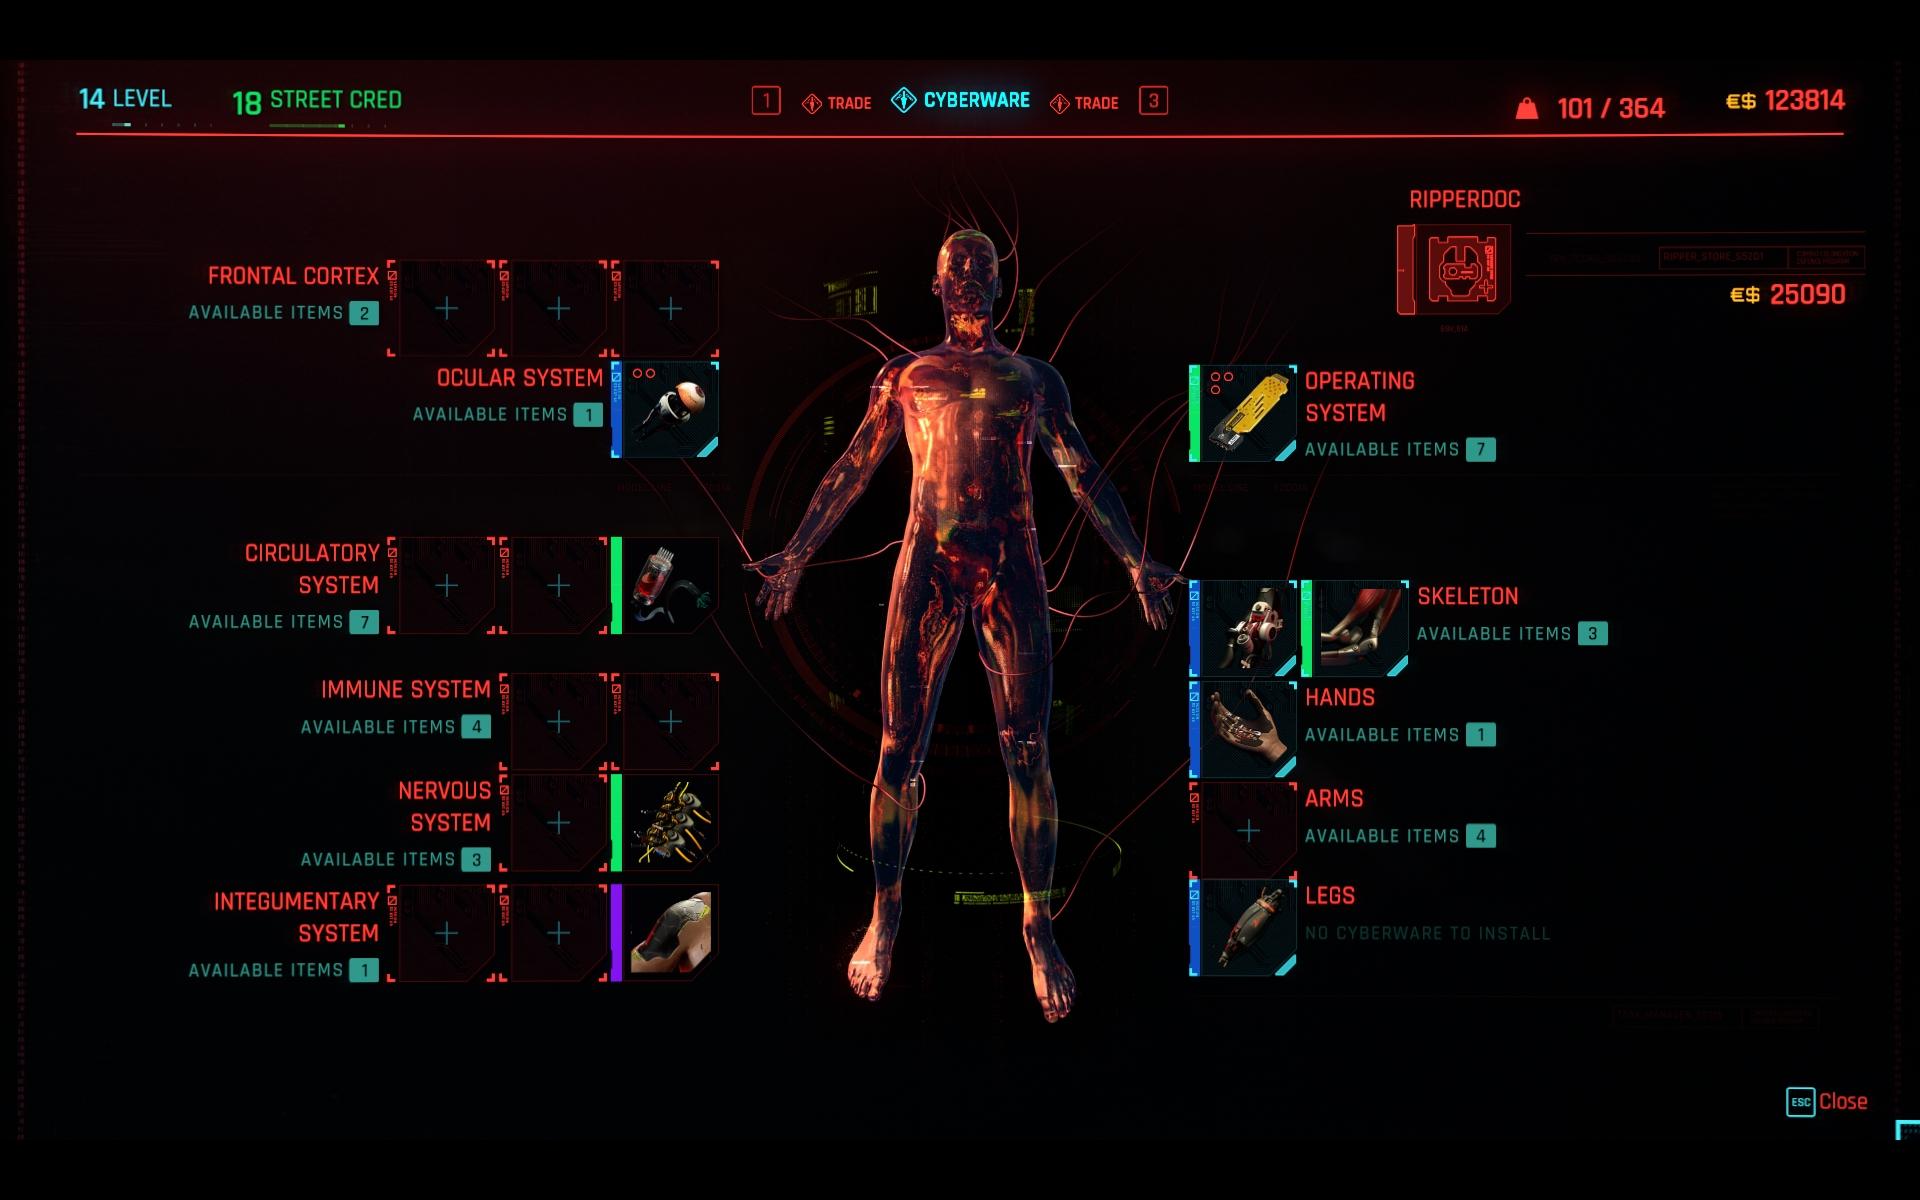 Cyberpunk 2077 Legendary Cyberware